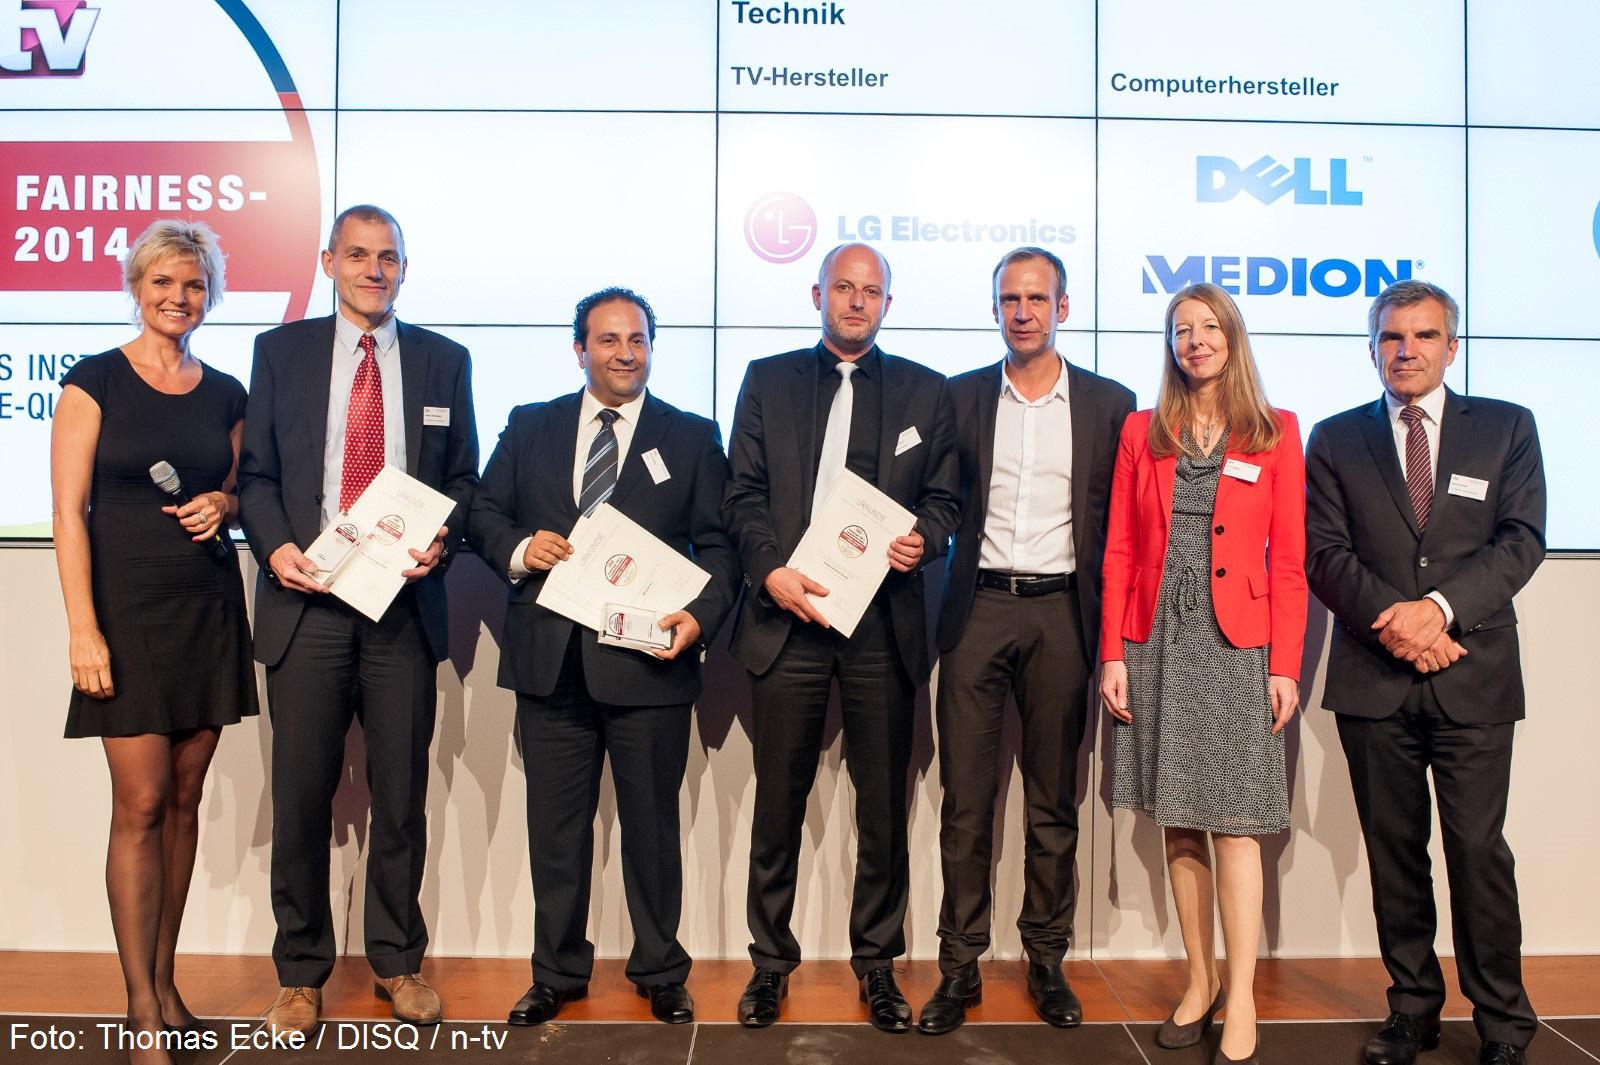 Deutscher Fairness-Preis